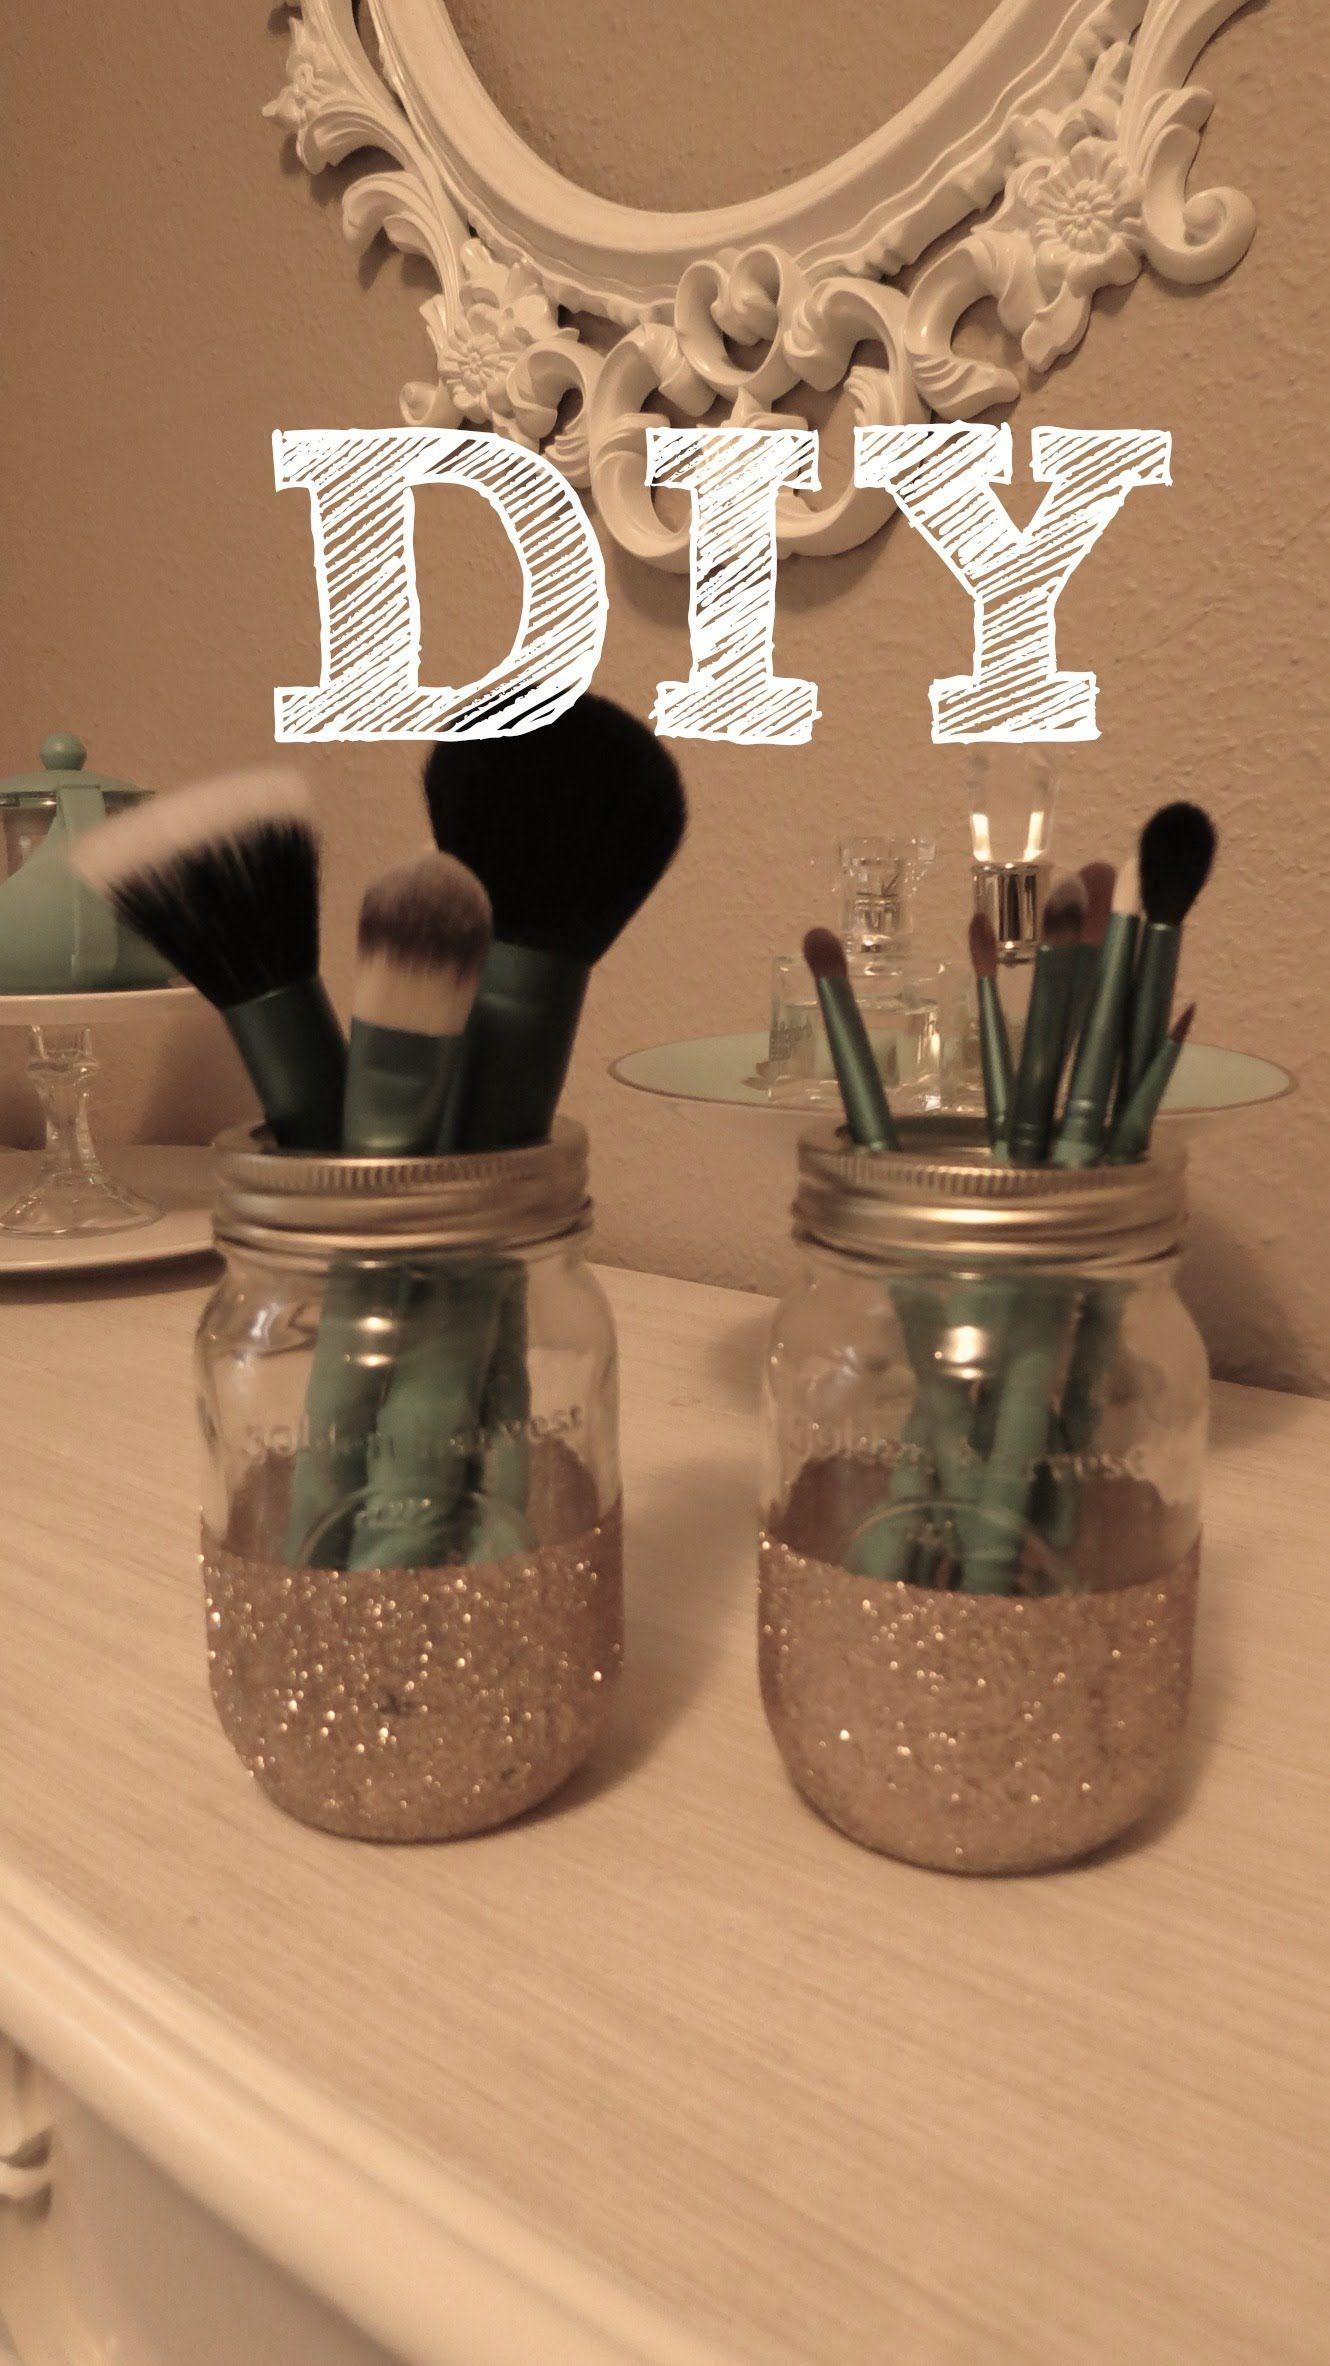 Pin de amorelle morris en diy pinterest frascos - Diy frascos decorados ...